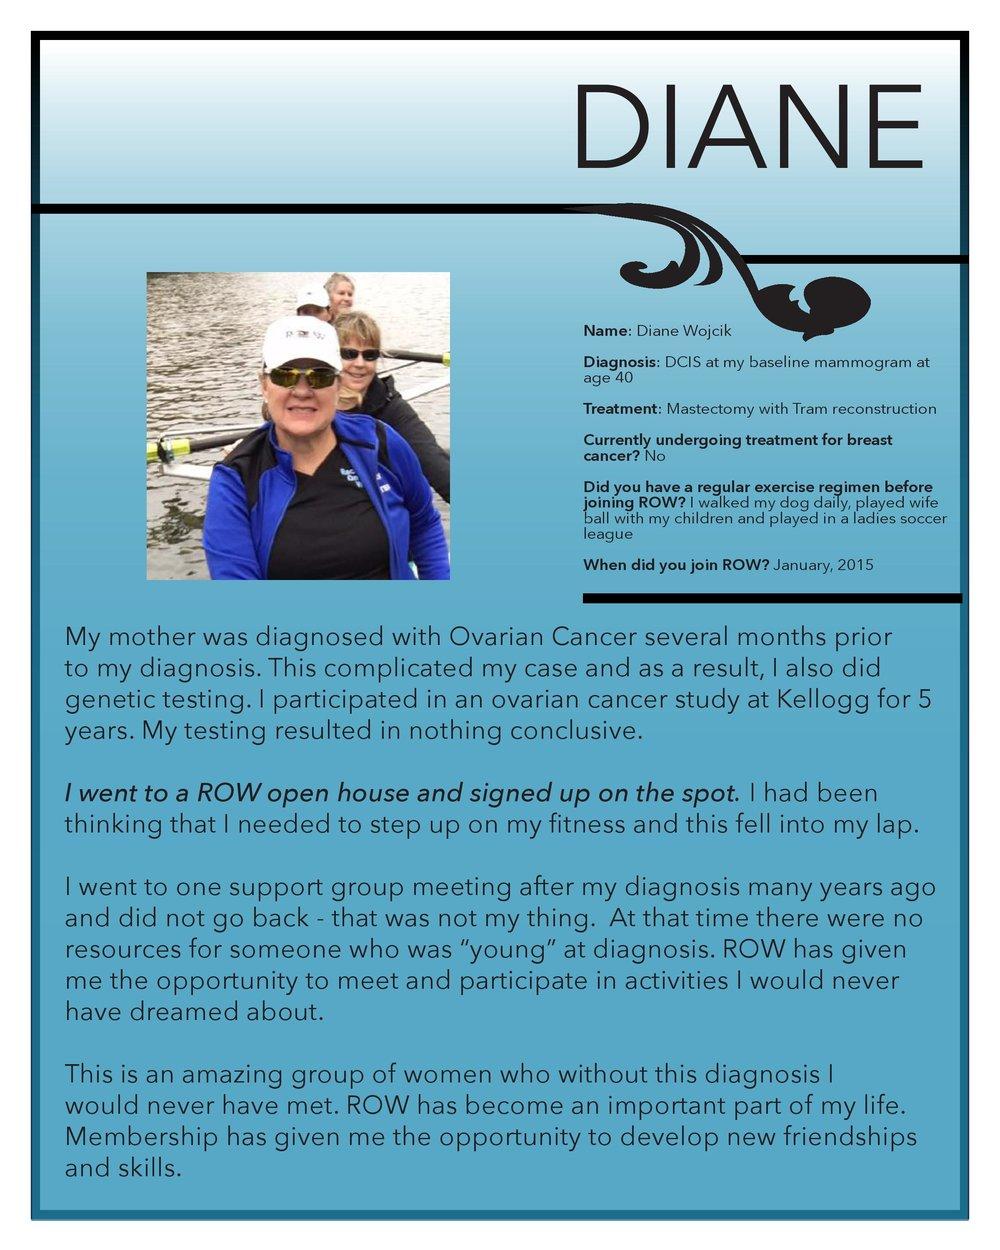 DianeWojcik_pROWfile (1)-page-001.jpg